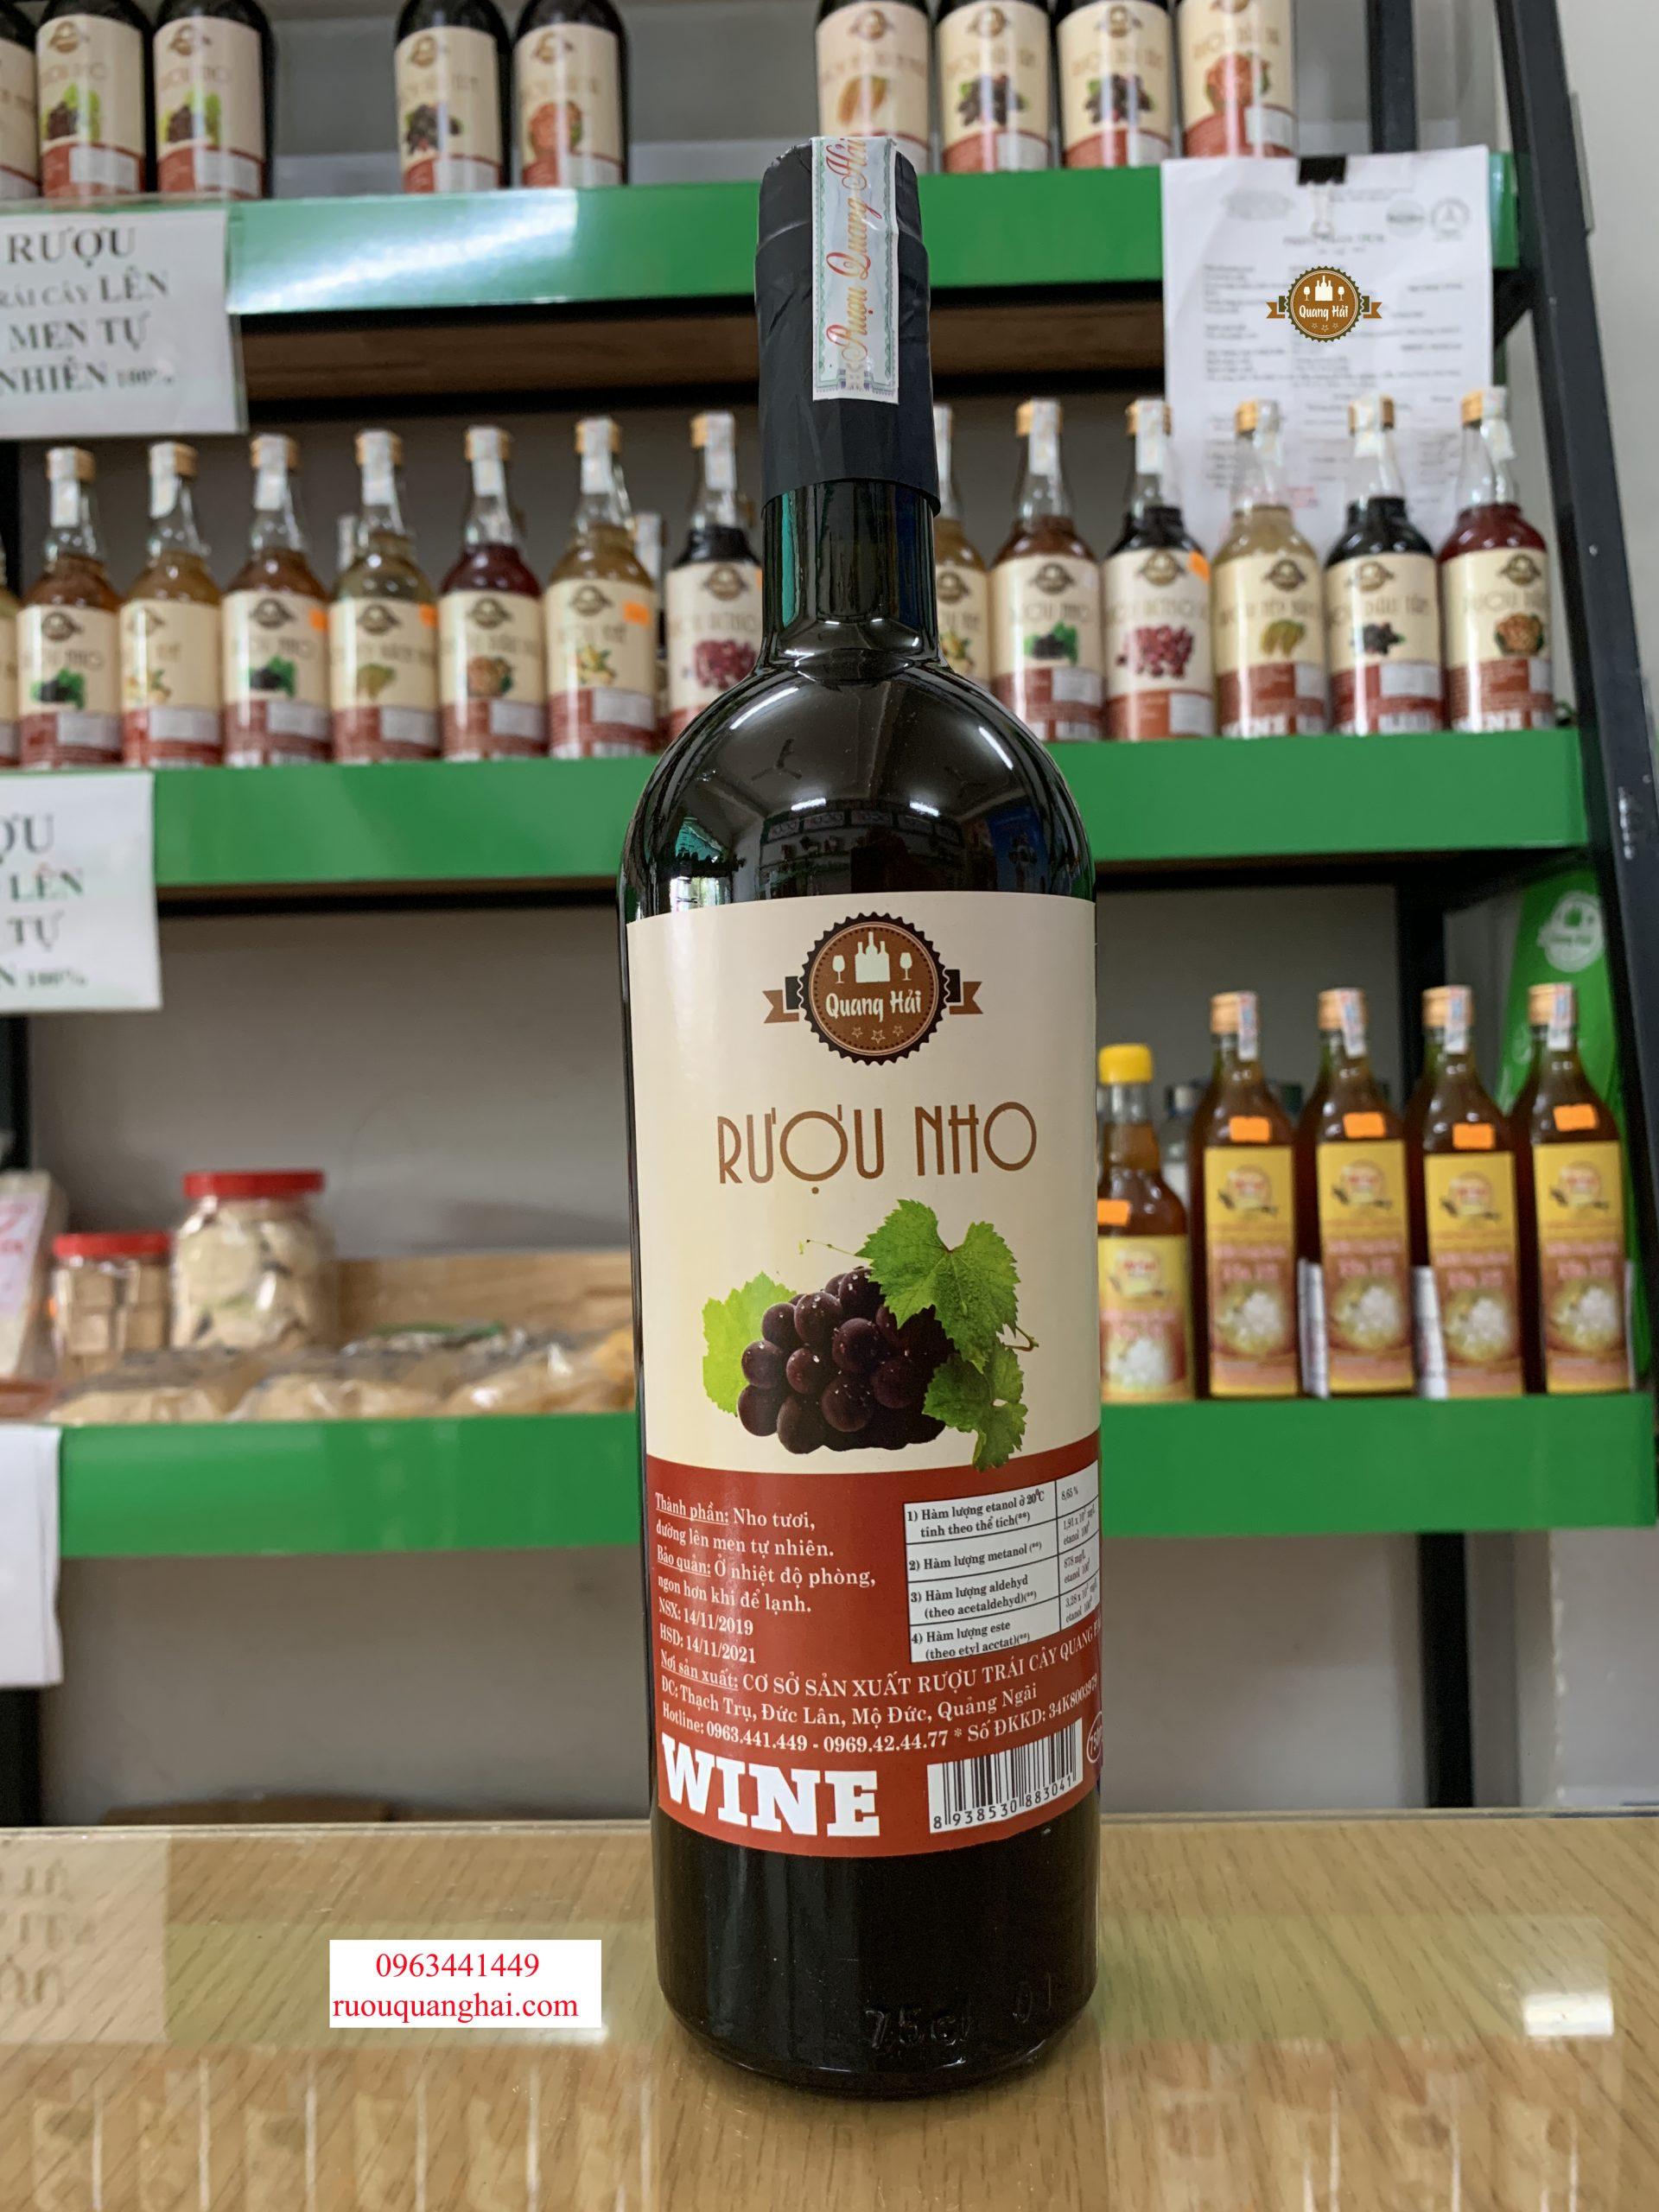 Rượu Nho Quang Hải Quảng Ngãi được sản xuất theo đúng quy trình